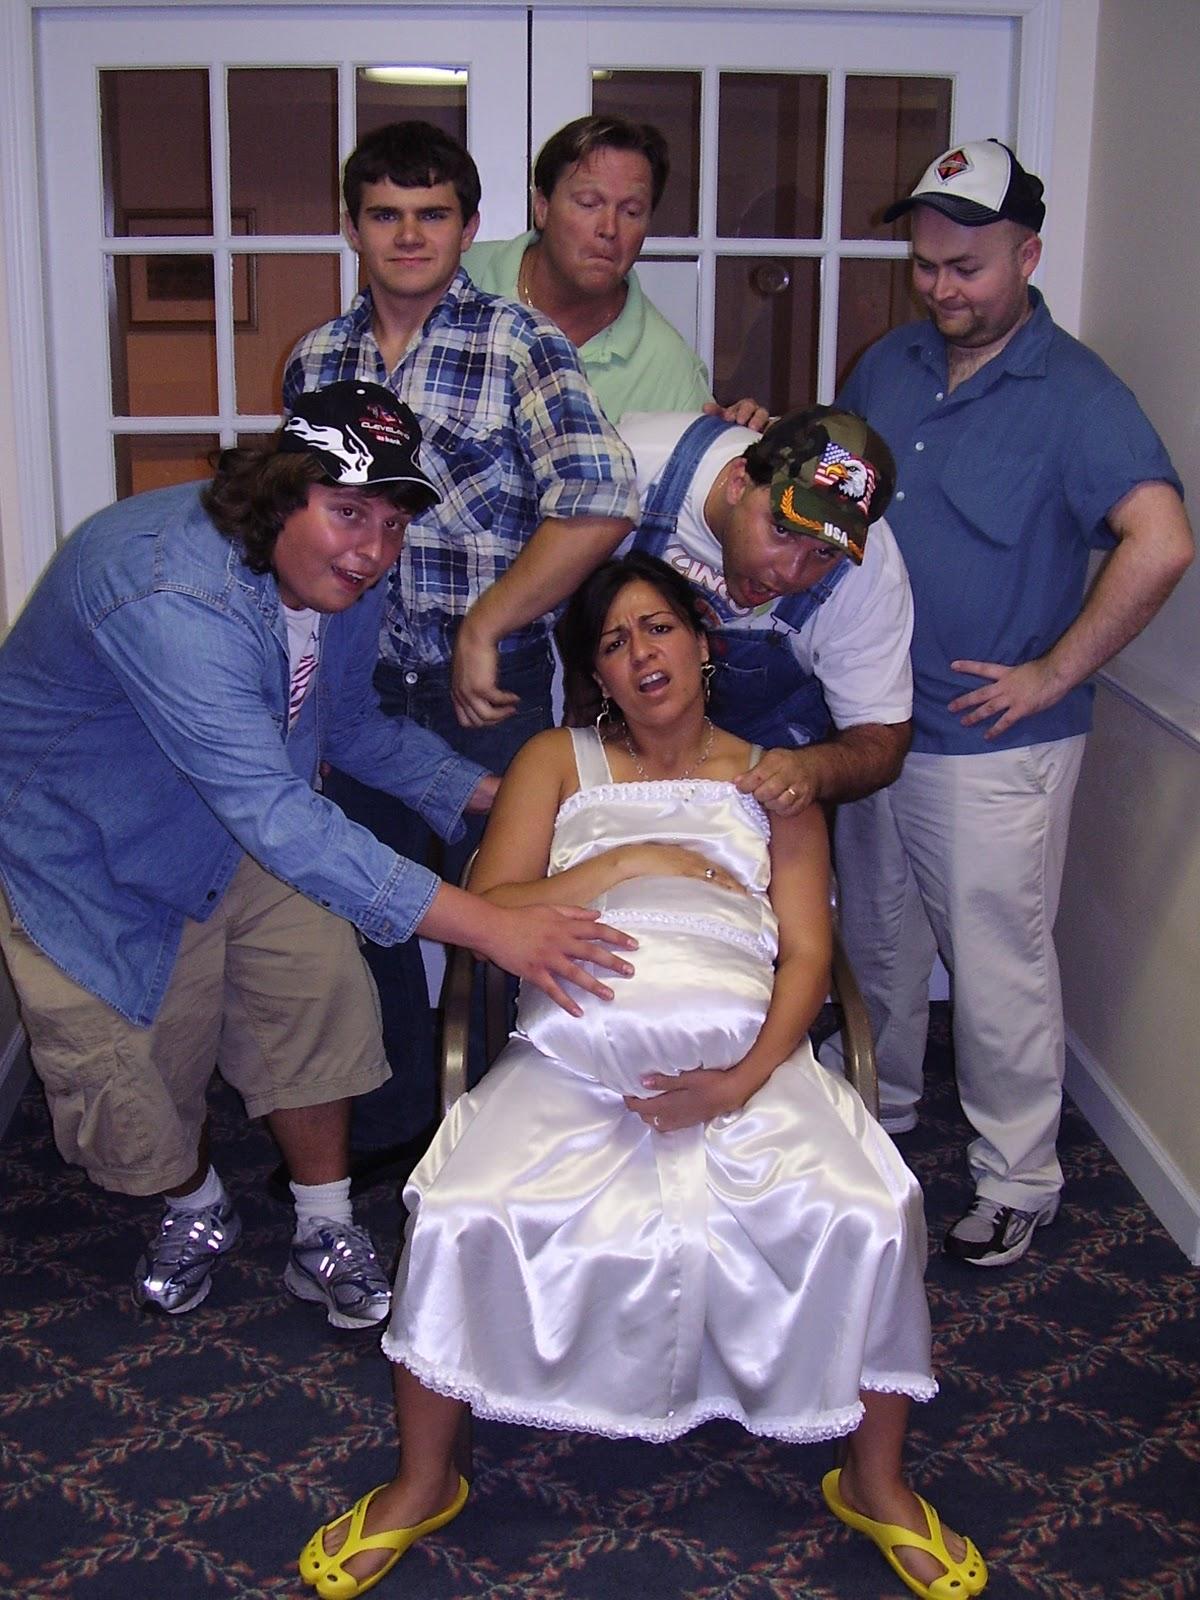 Wedding sex redneck